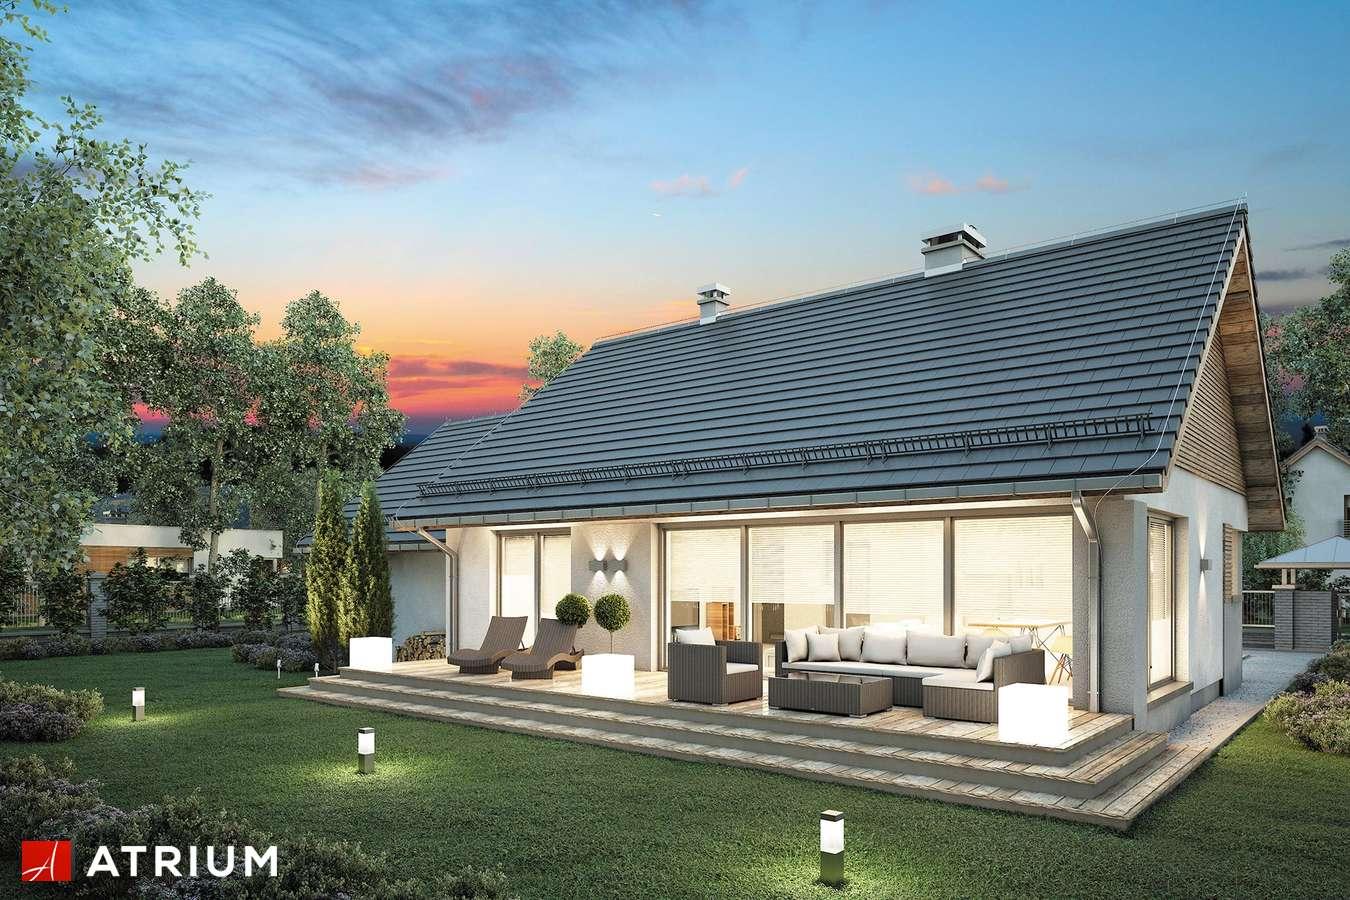 Projekty domów - Projekt domu parterowego RICARDO LIFT II - wizualizacja 2 - wersja lustrzana